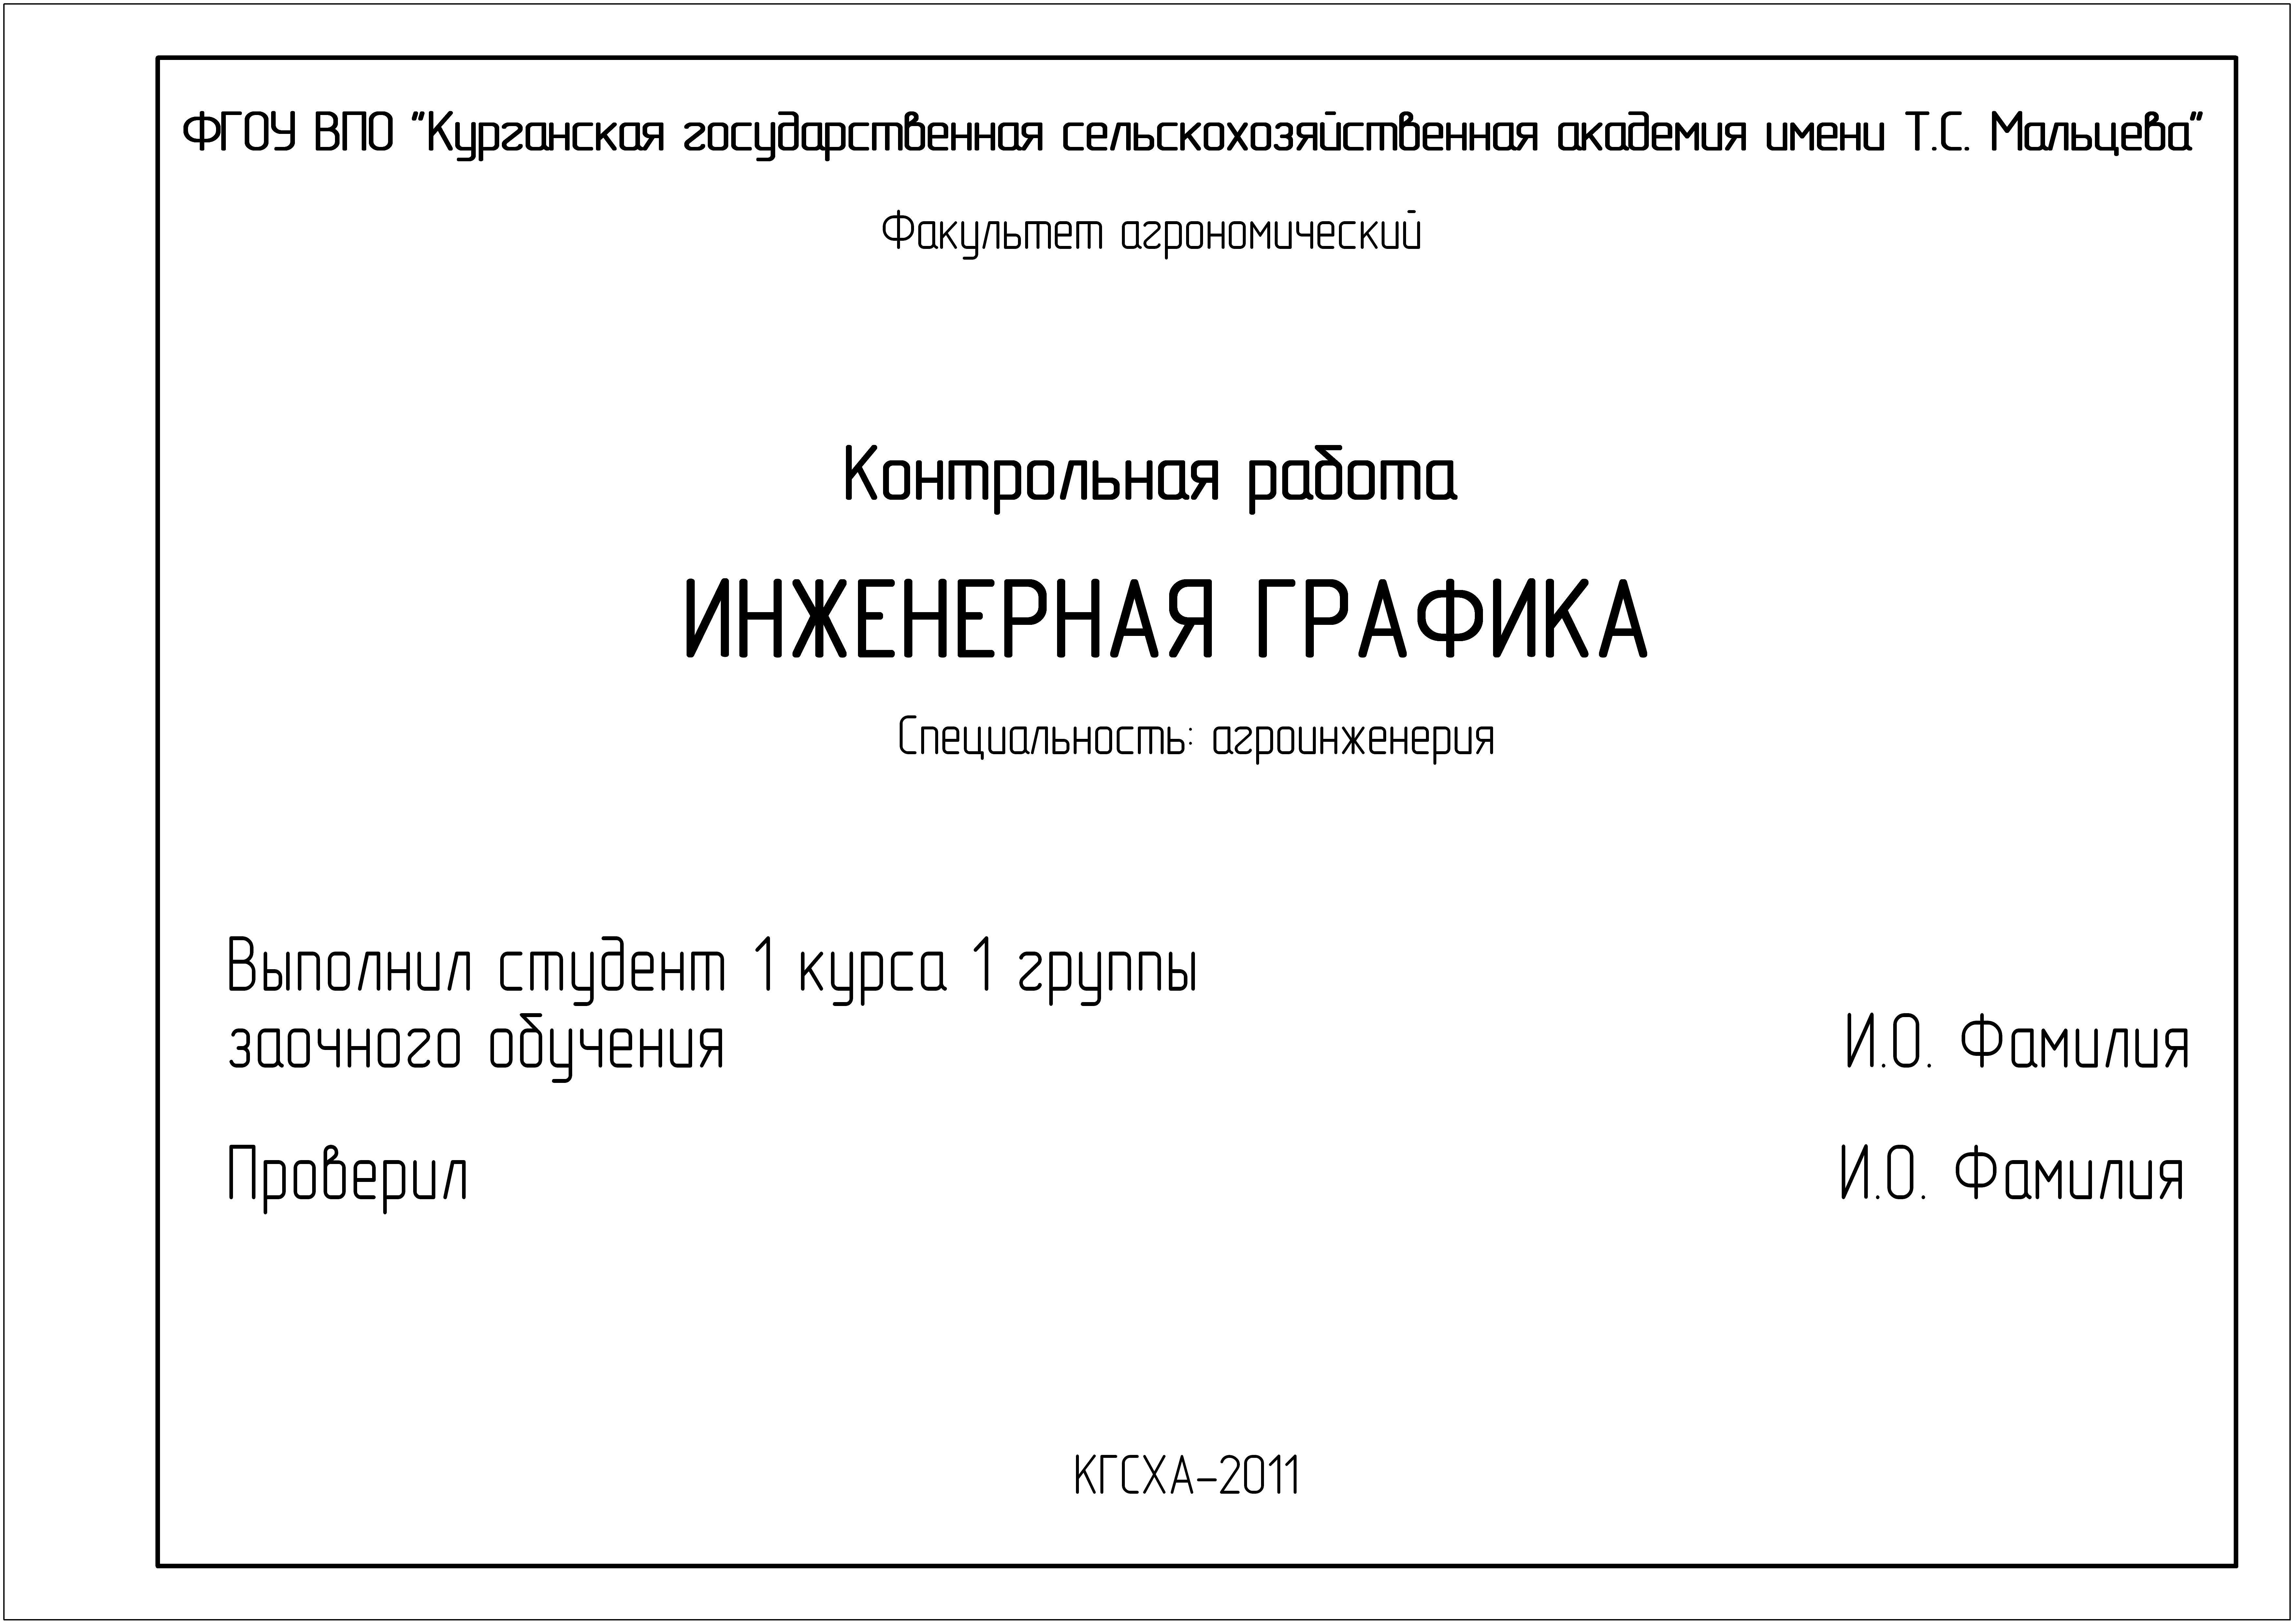 Министерство сельского хозяйства рф Рисунок 4 Пример оформления титульного листа контрольной работы для студентов специальности механизация сельского хозяйства электрификация сельского